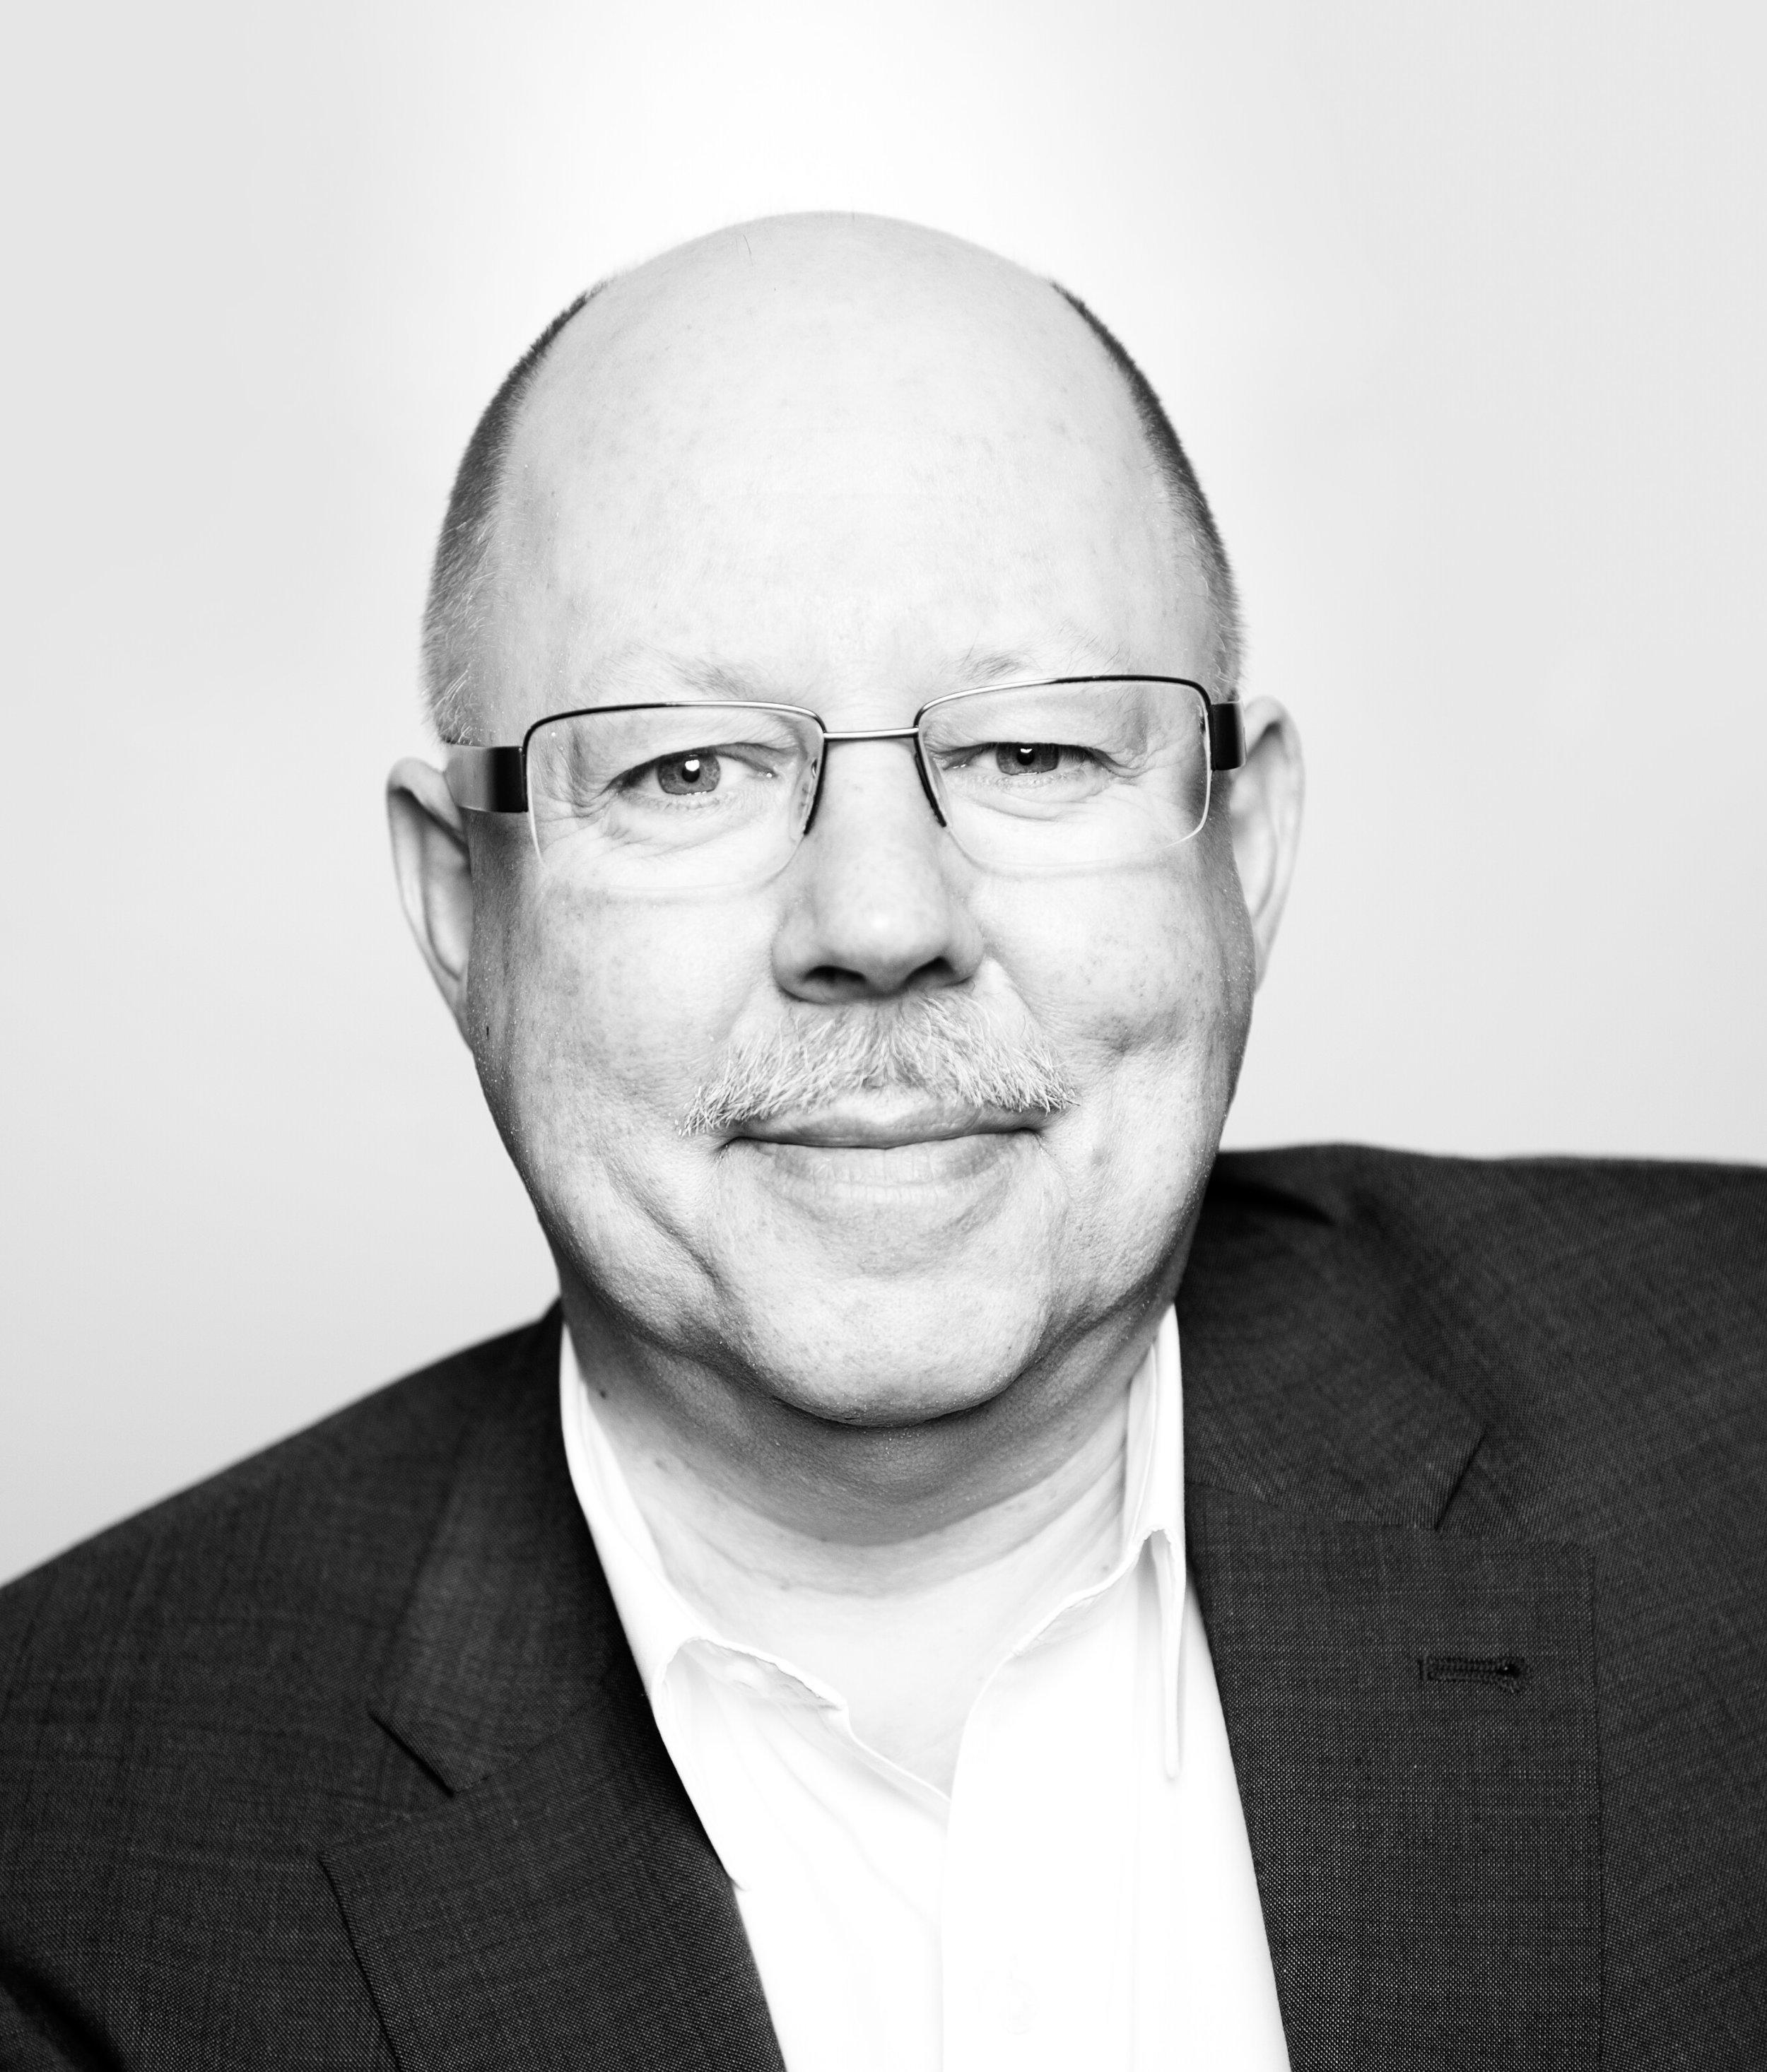 Chairman of the Board - Kjell Erik Drevdal